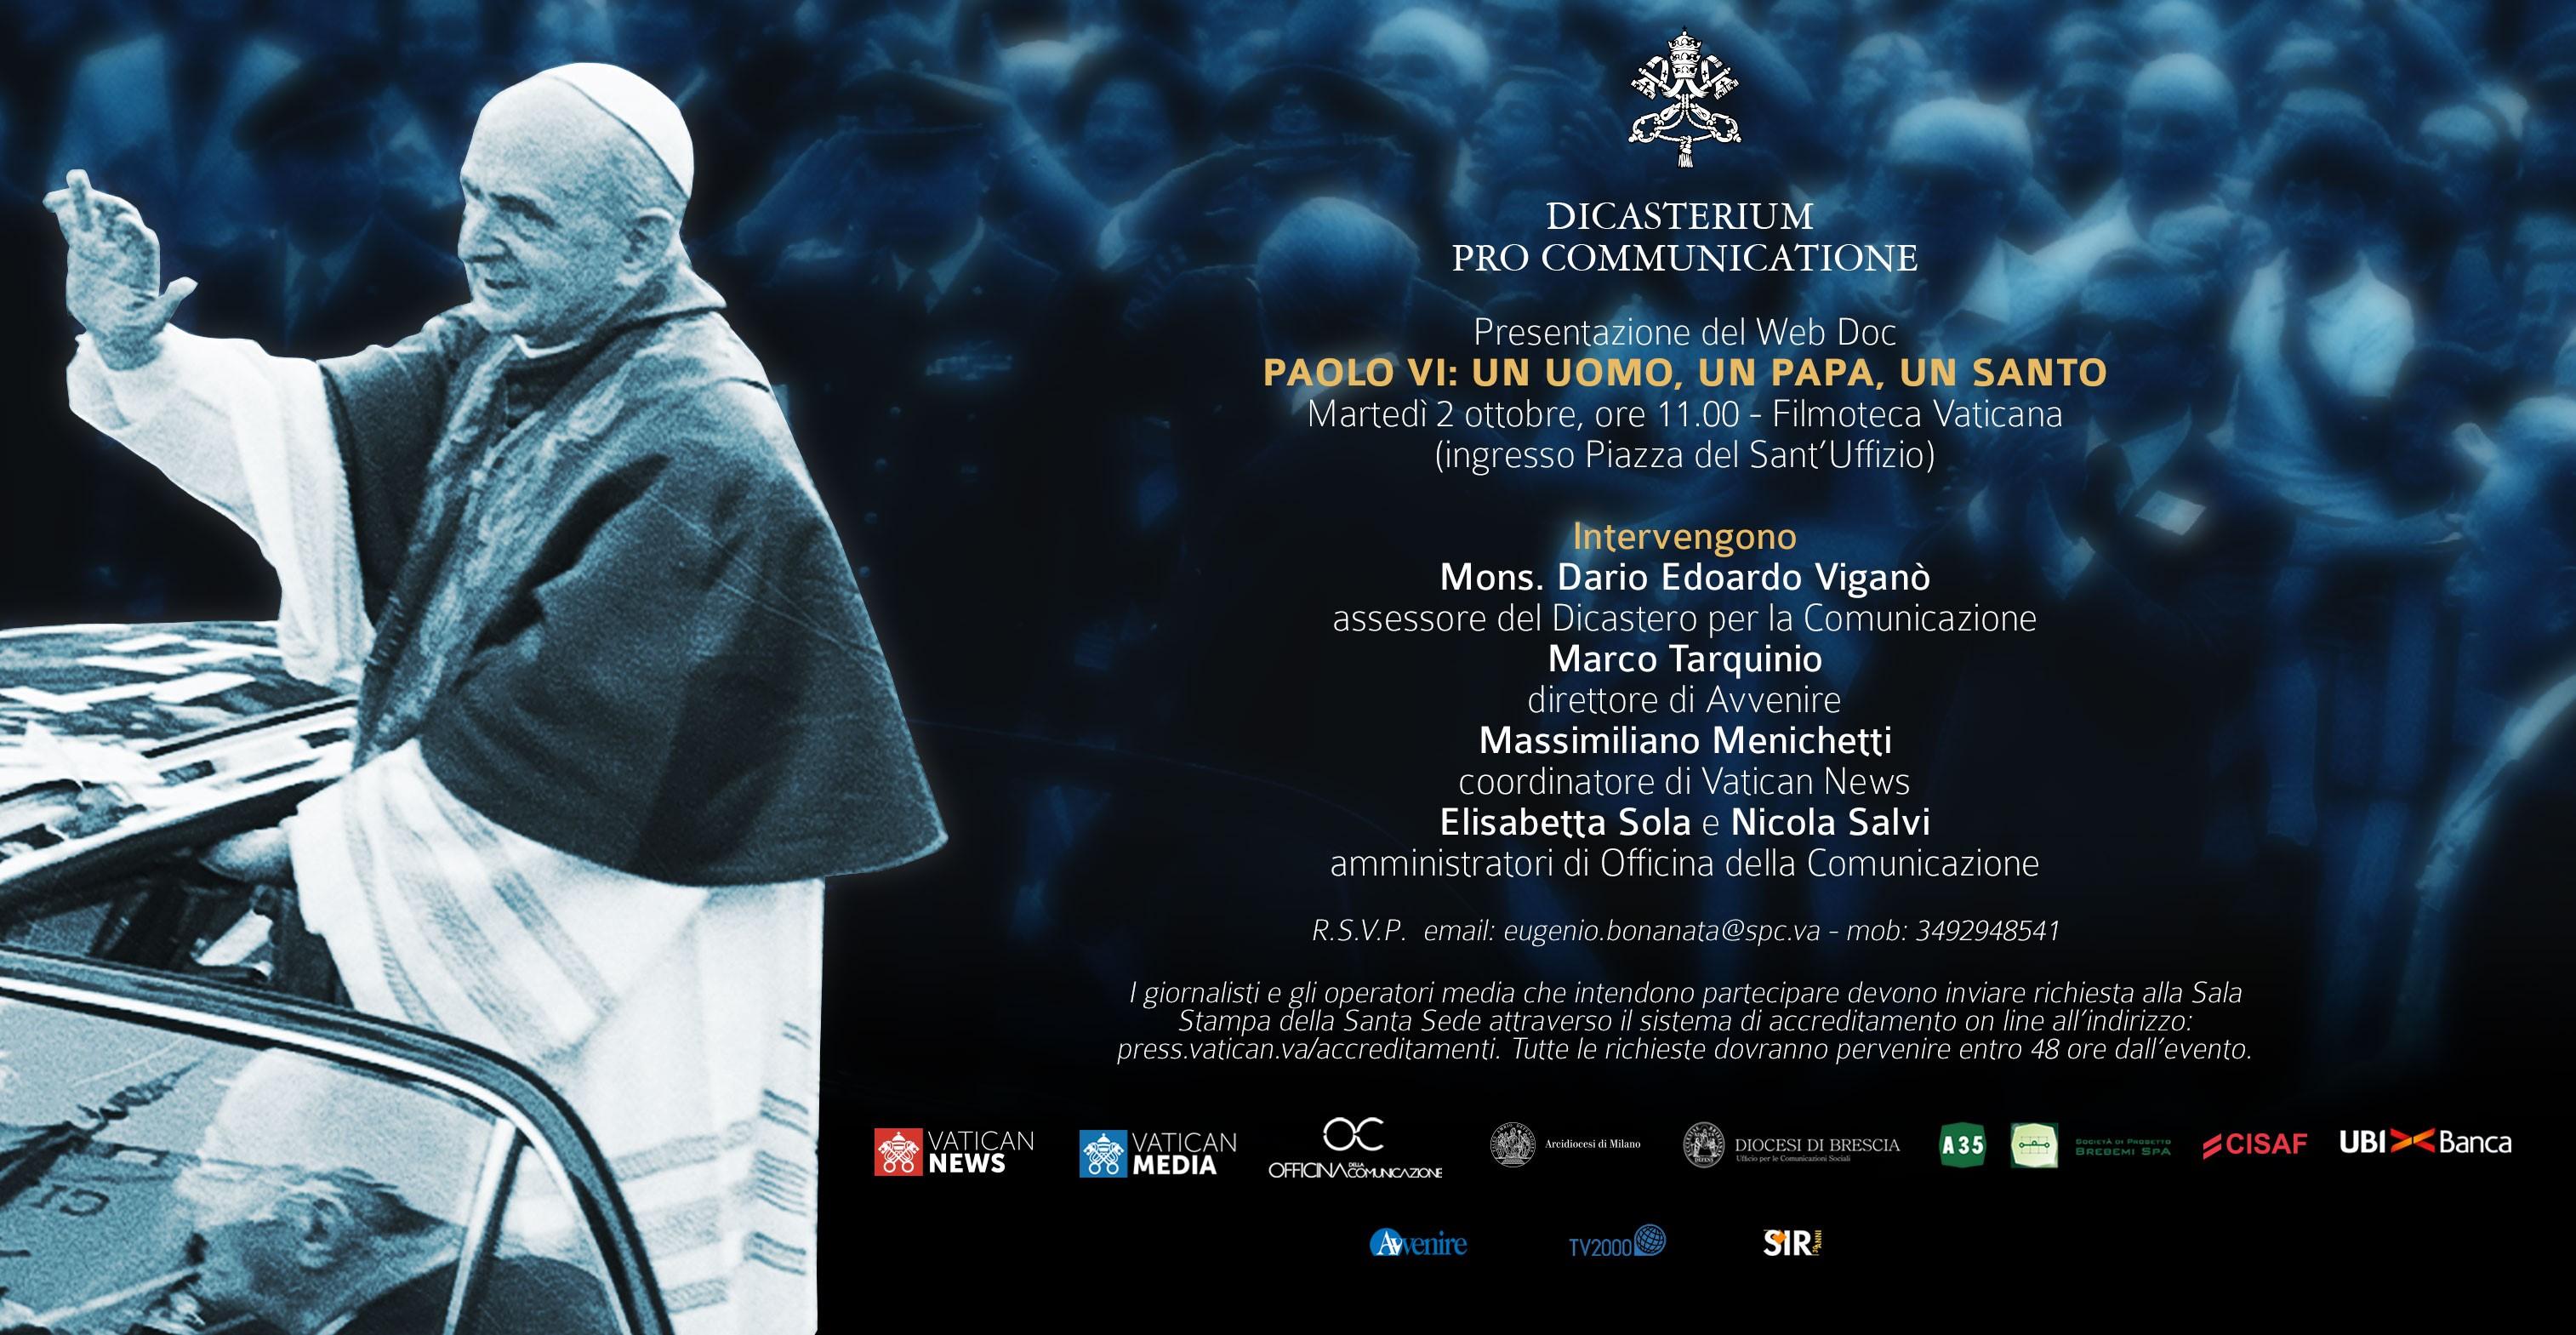 """Canonizzazione Paolo VI, presentazione del web doc """"Paolo VI: un uomo, un Papa, un santo"""""""